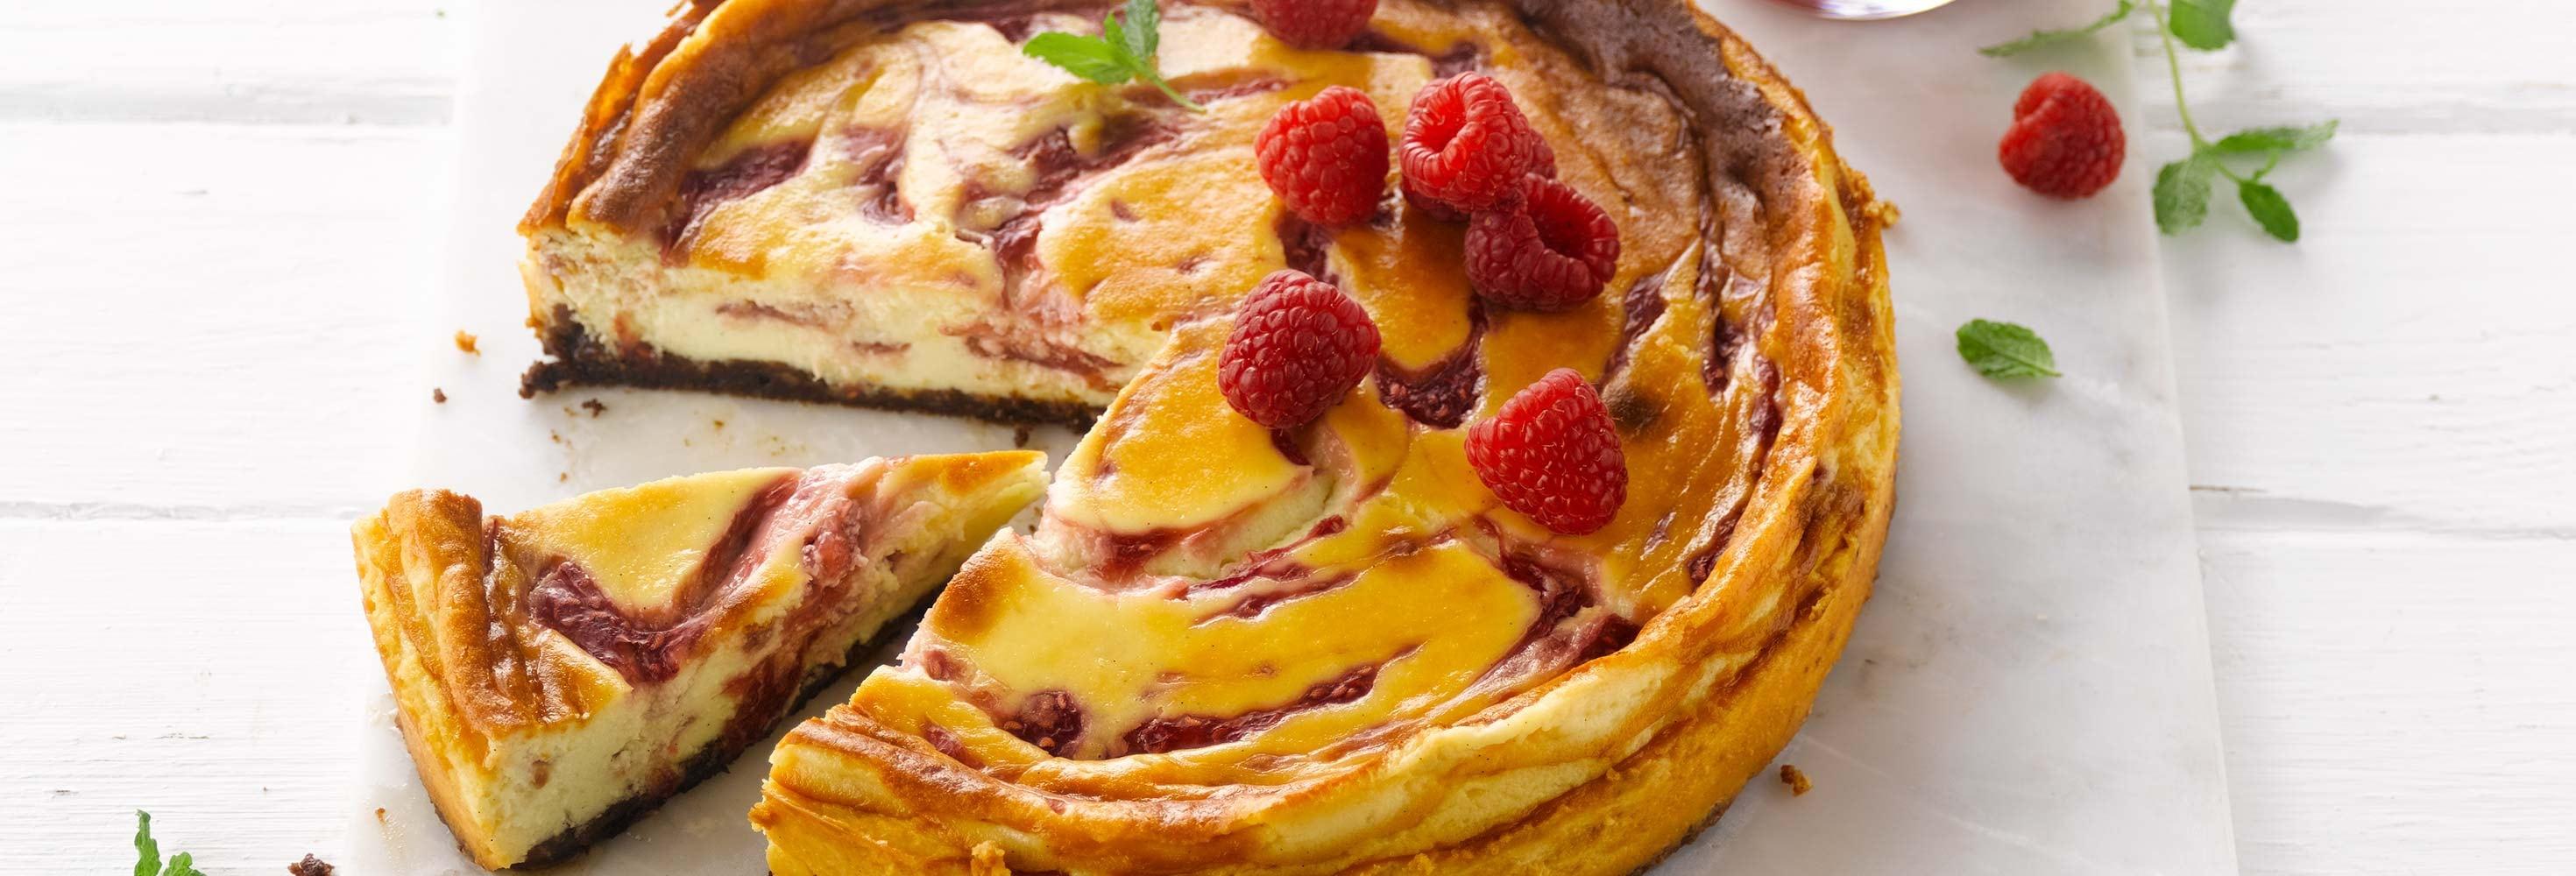 Cheese-cake aux framboises et chocolat blanc